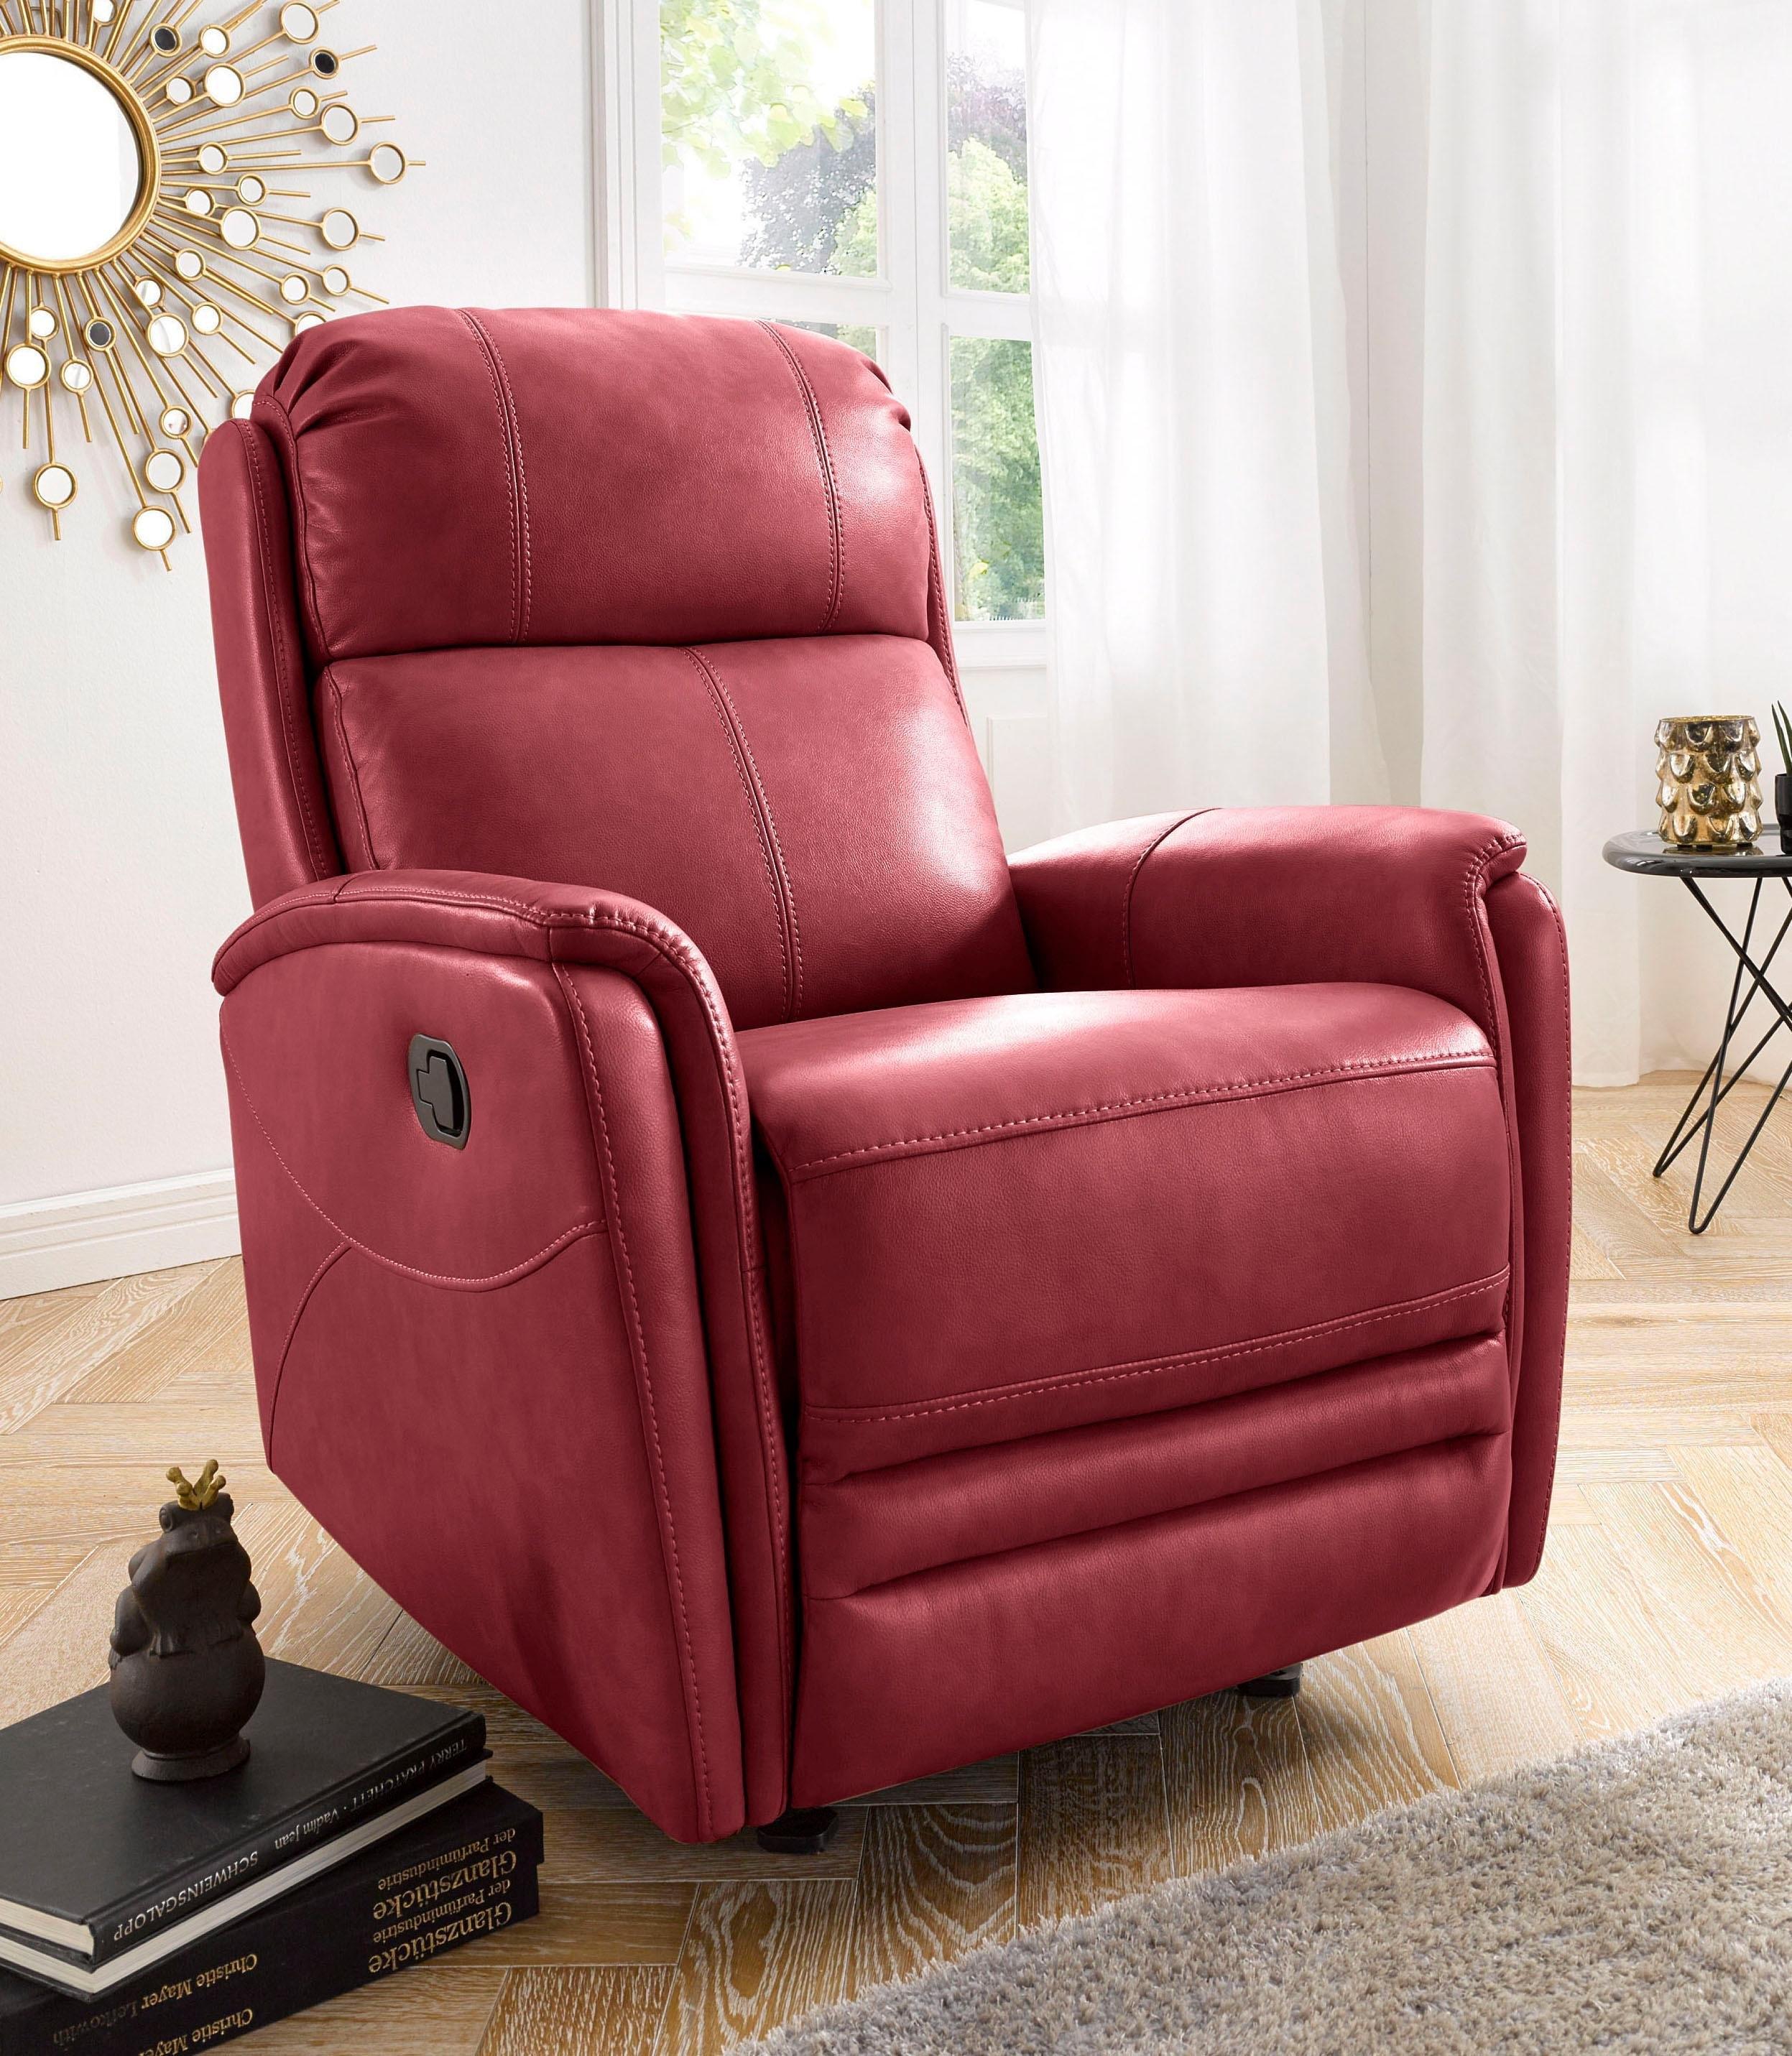 Recliner-fauteuil bestellen: 14 dagen bedenktijd